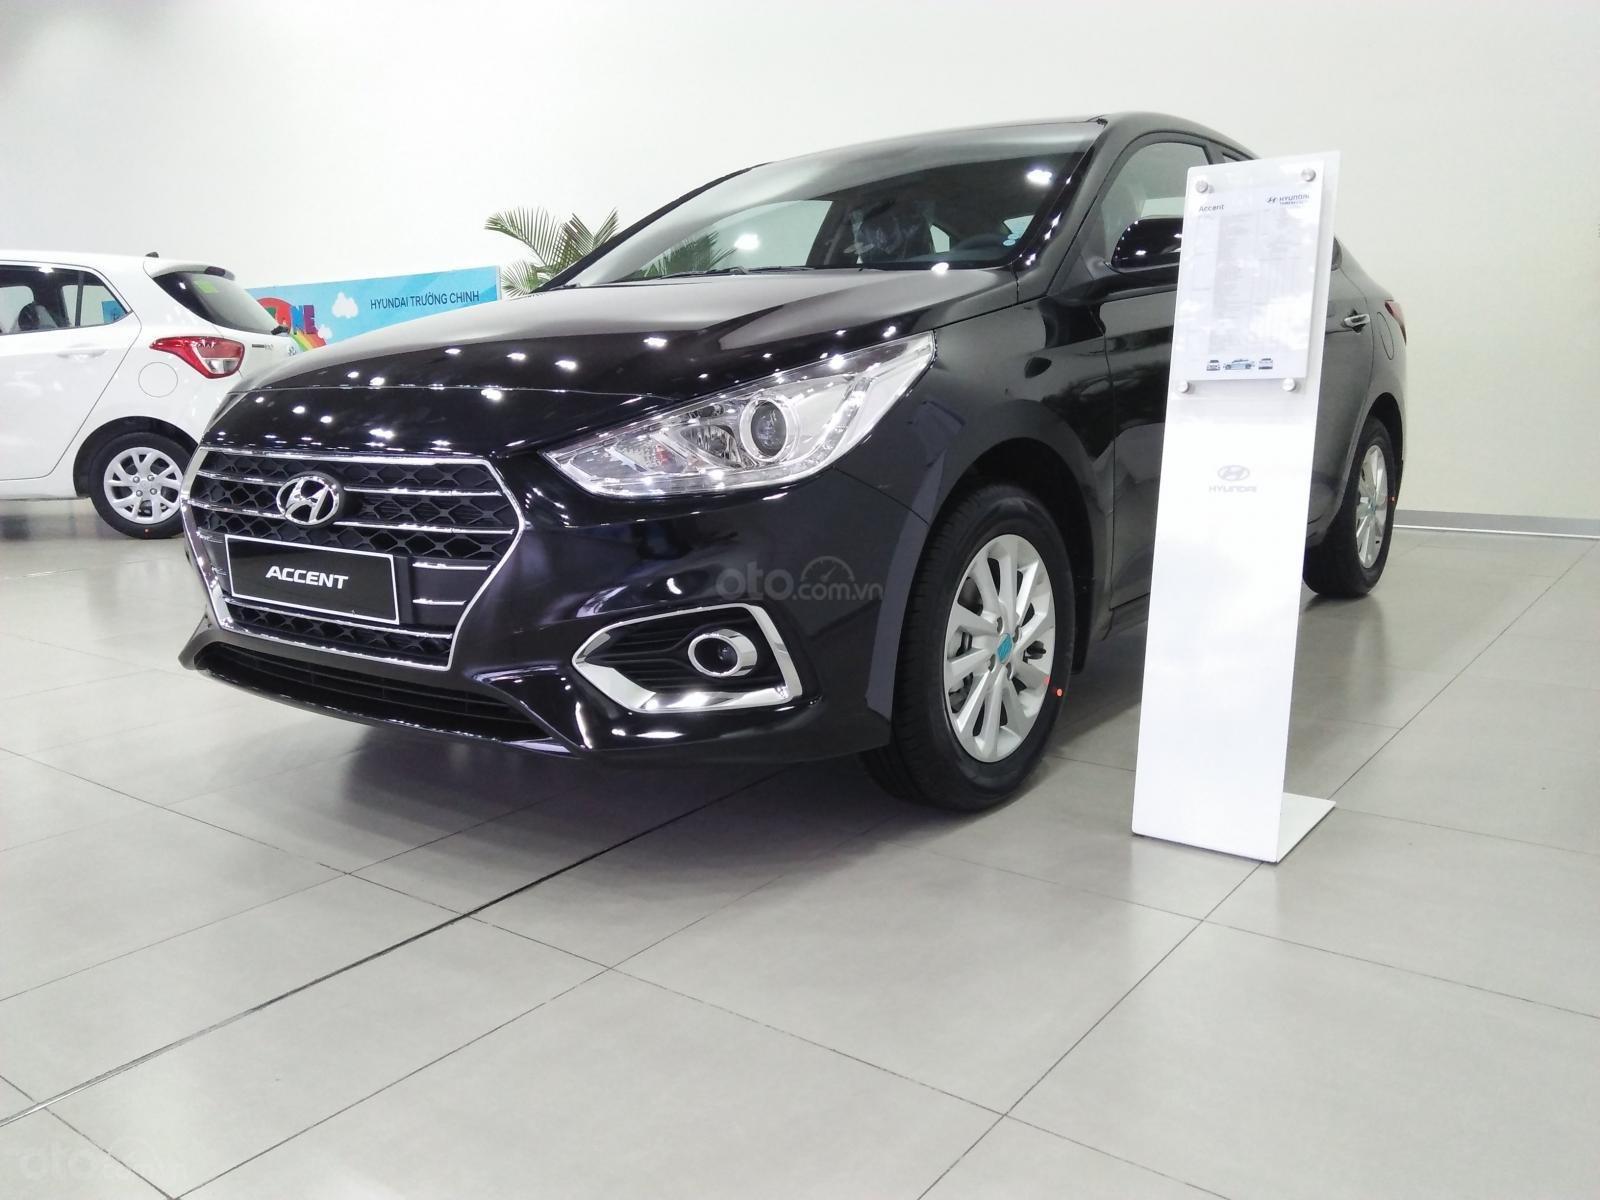 Bán Hyundai Accent 2019, đủ màu, có cửa gió hàng ghế sau, giao ngay, LH 0971626238-3